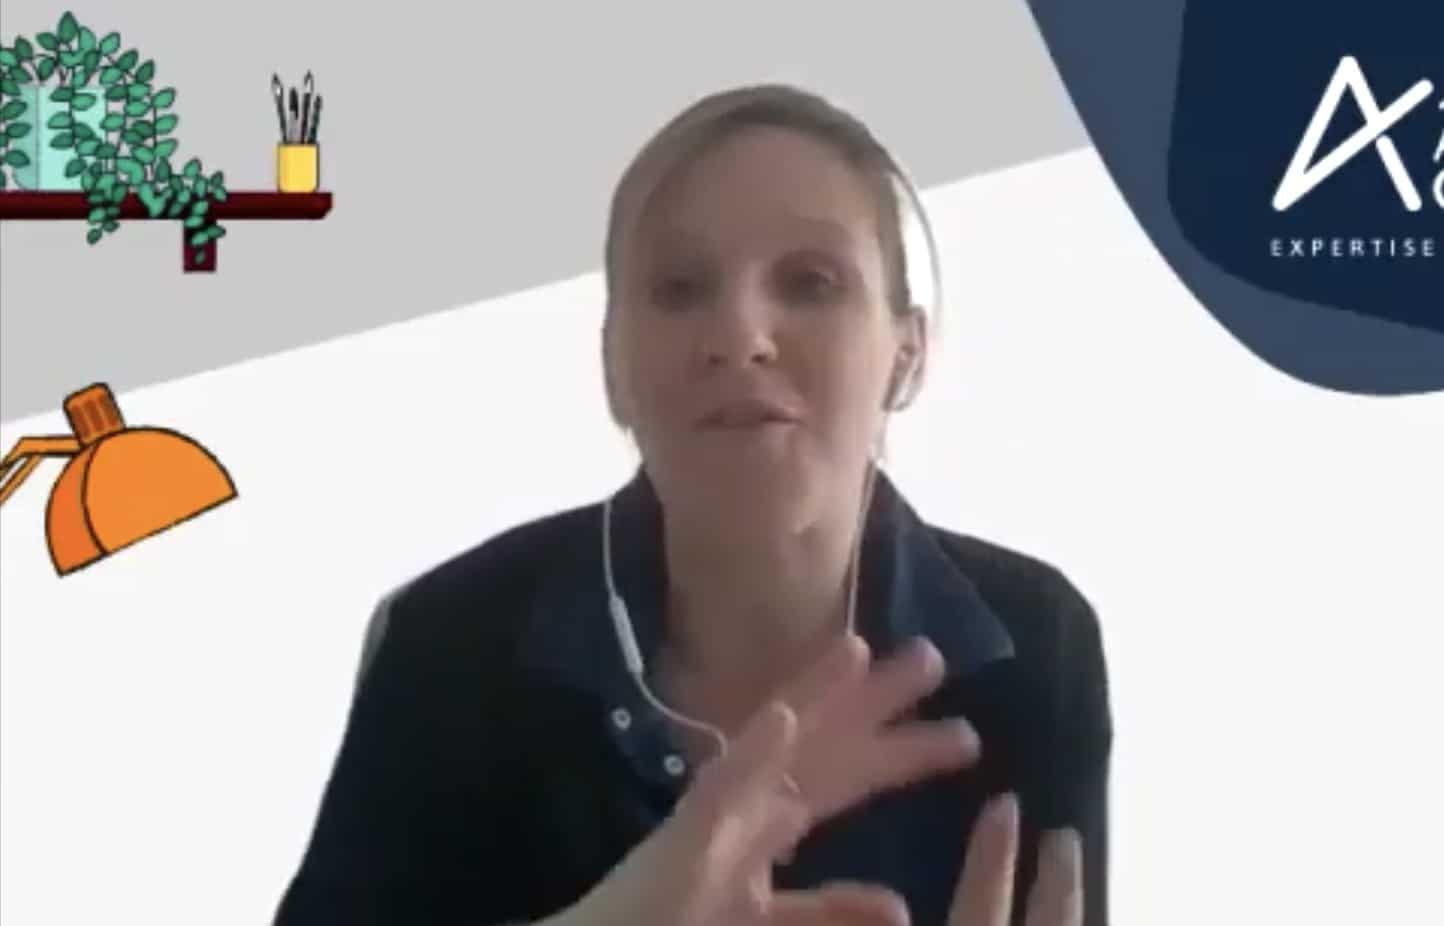 [VIDEO] Votre déclaration impôts 2021 – les conseils d'un expert-comptable de la Communauté Immoneos pour optimiser